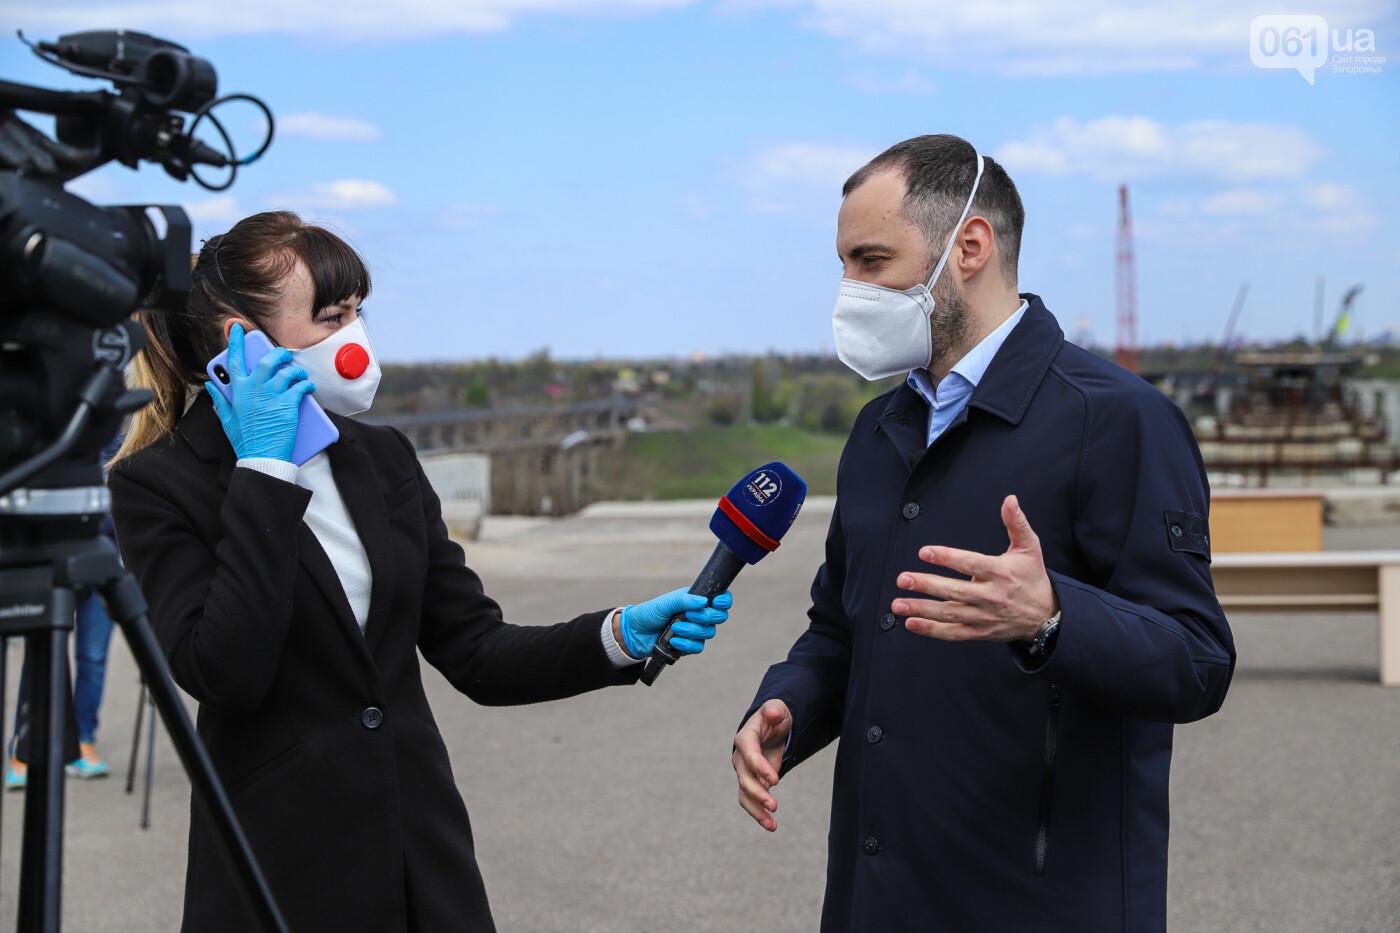 Глава Укравтодора побывал на запорожских мостах — планирует их достроить за два года, - ФОТОРЕПОРТАЖ , фото-54